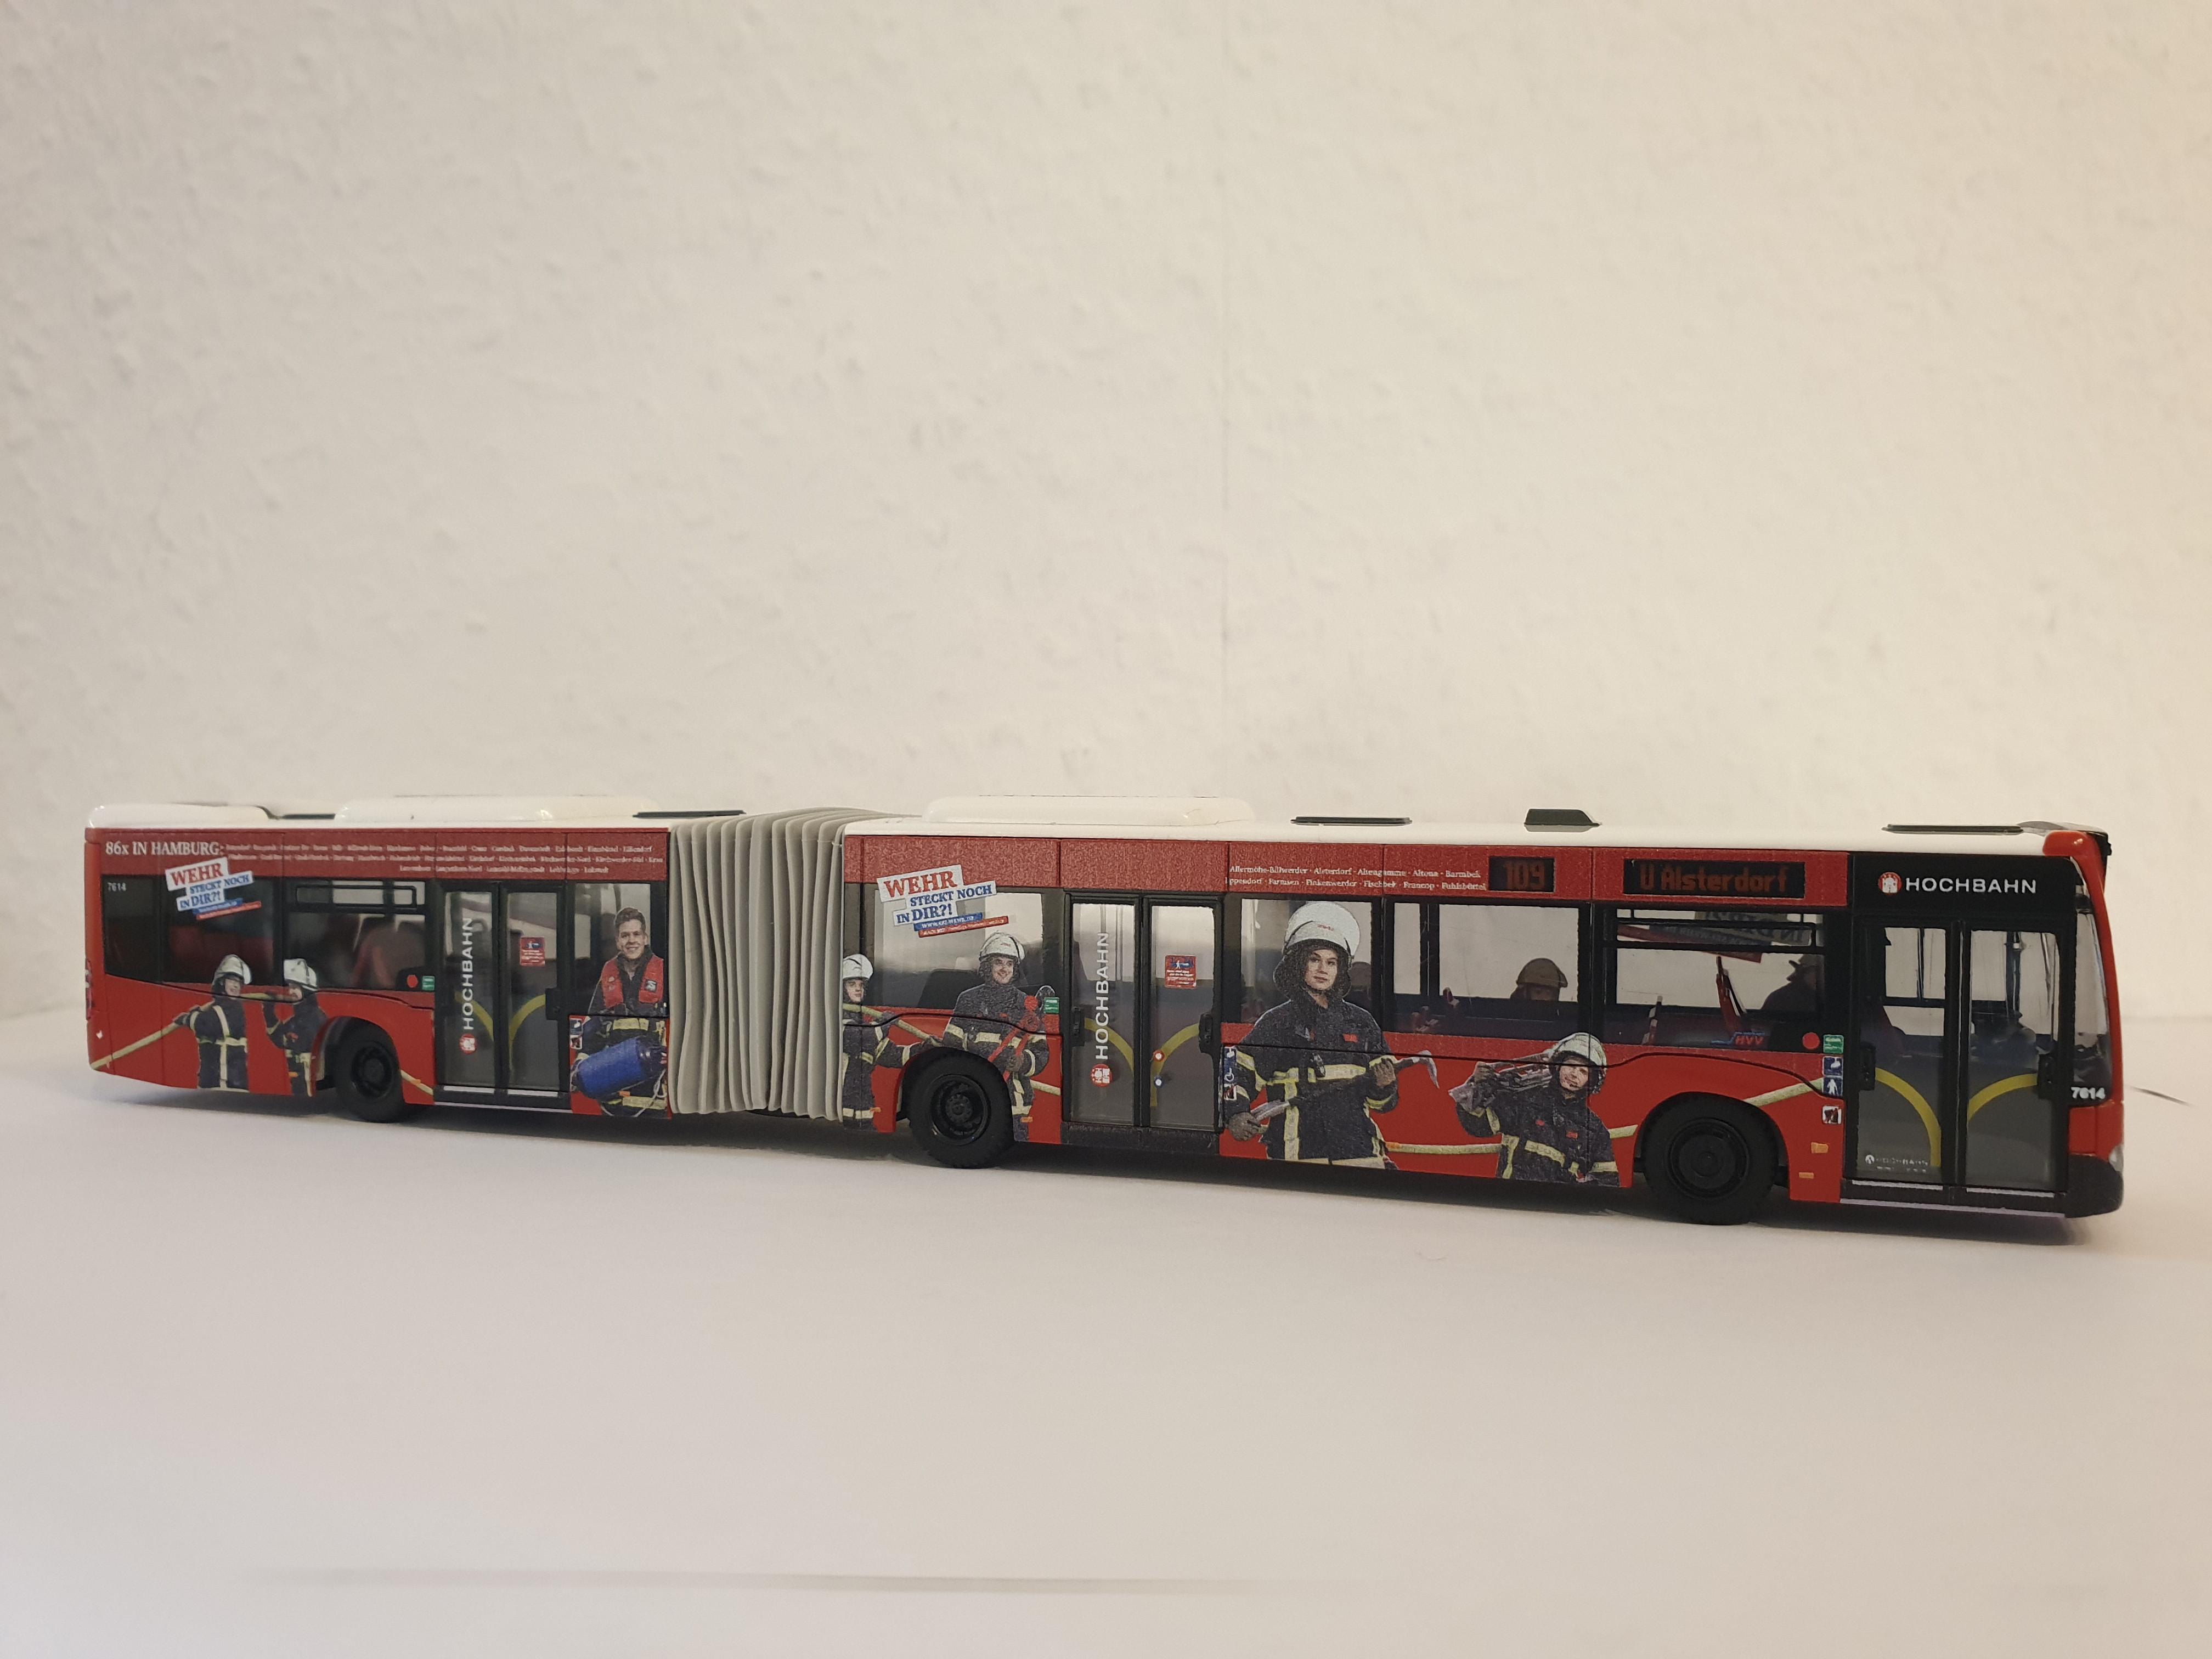 Rietze MB Citaro G15 Hamburger Hochbahn mit Feuerwehr Hamburg Werbung - Wagennummer 7614- Zielanzeige Linie 109